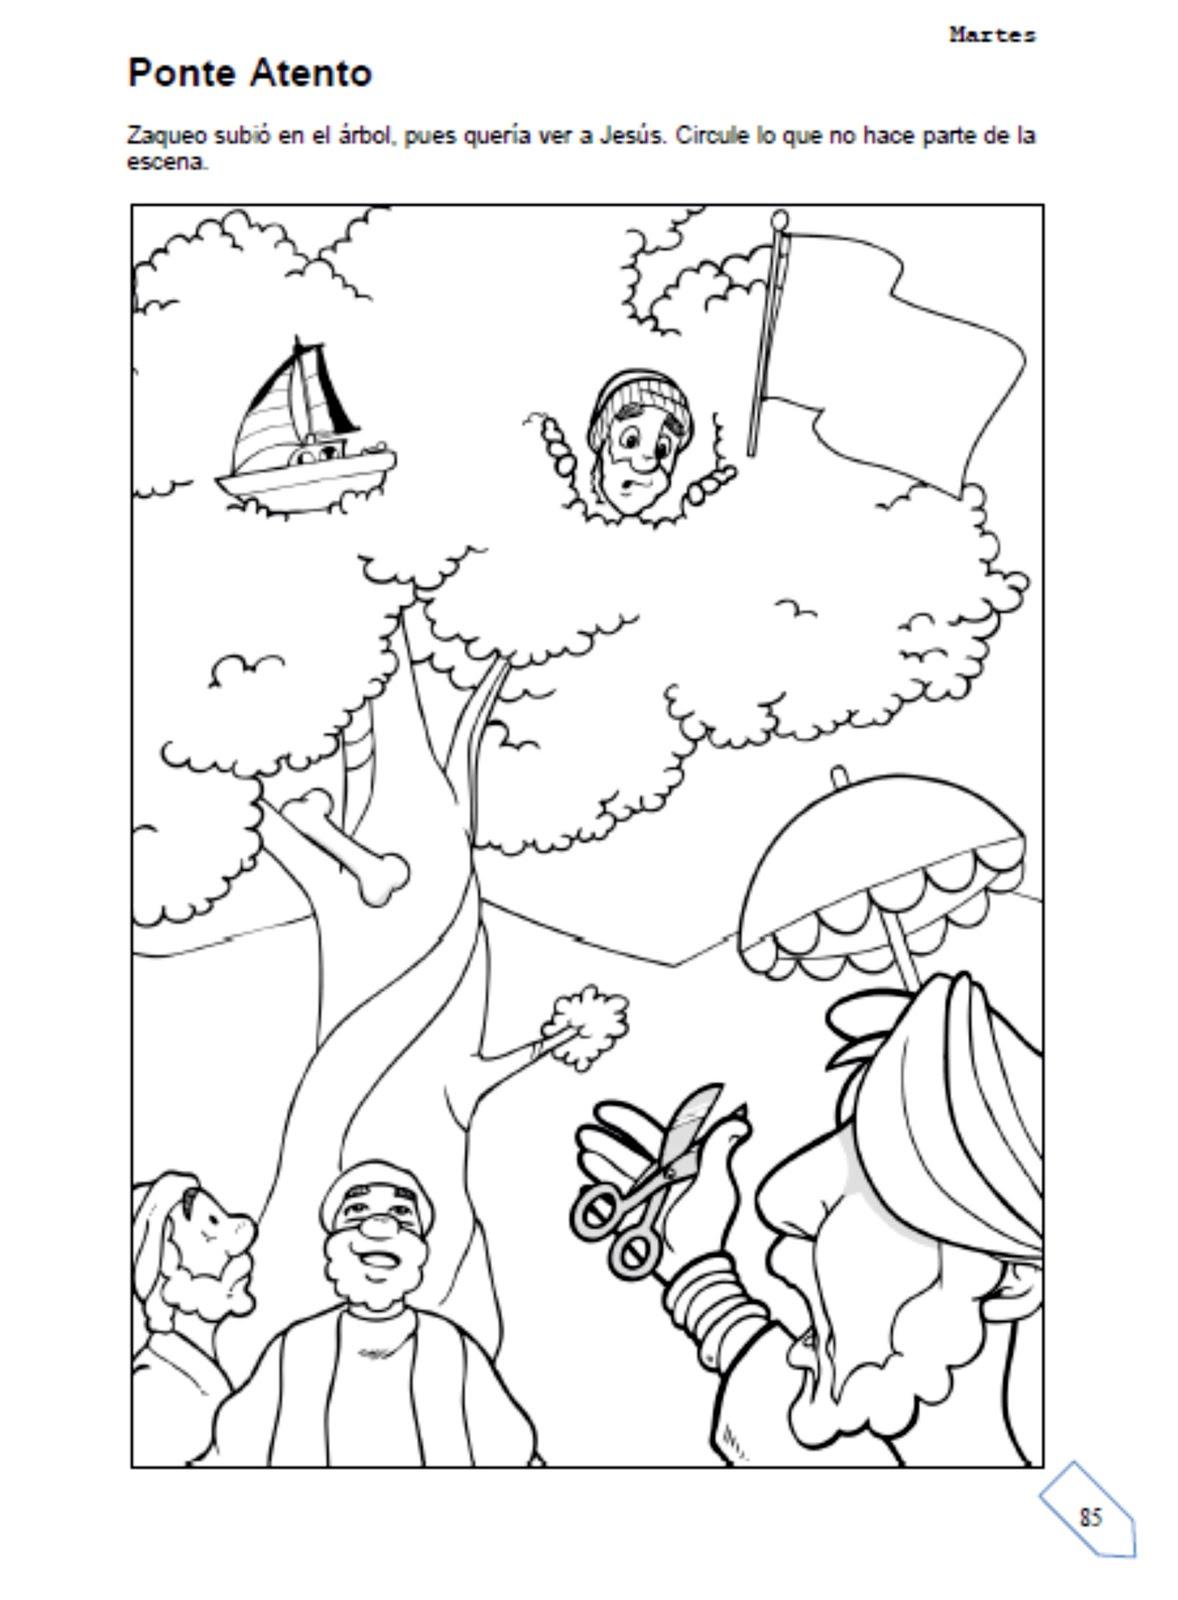 Fantástico Dibujos Para Colorear Historia Zacchaeus Adorno - Dibujos ...